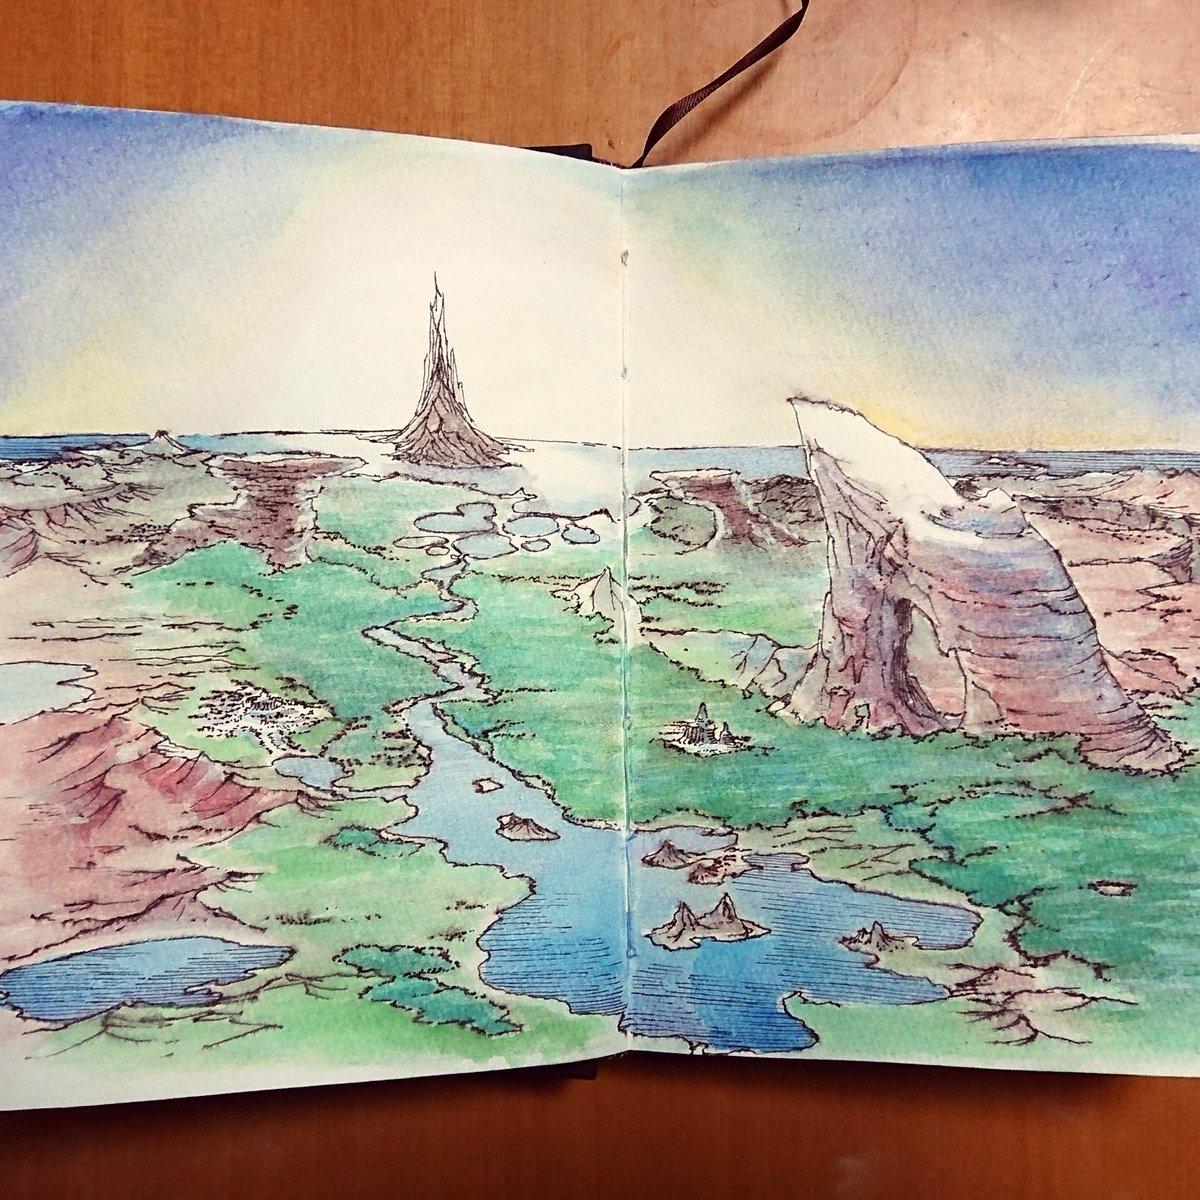 test ツイッターメディア - #手製本  #スケッチブック の#絵本 化が順調に進んでしまっている…???? でも #アナログ絵 はやっぱり楽しい。  #セリア と #DAISO では水彩パレット(固形絵の具はセット済み)と12色の   #水彩色鉛筆 と #水筆 が売っているのでみんなにオススメしたい! https://t.co/d99MWpvTQA